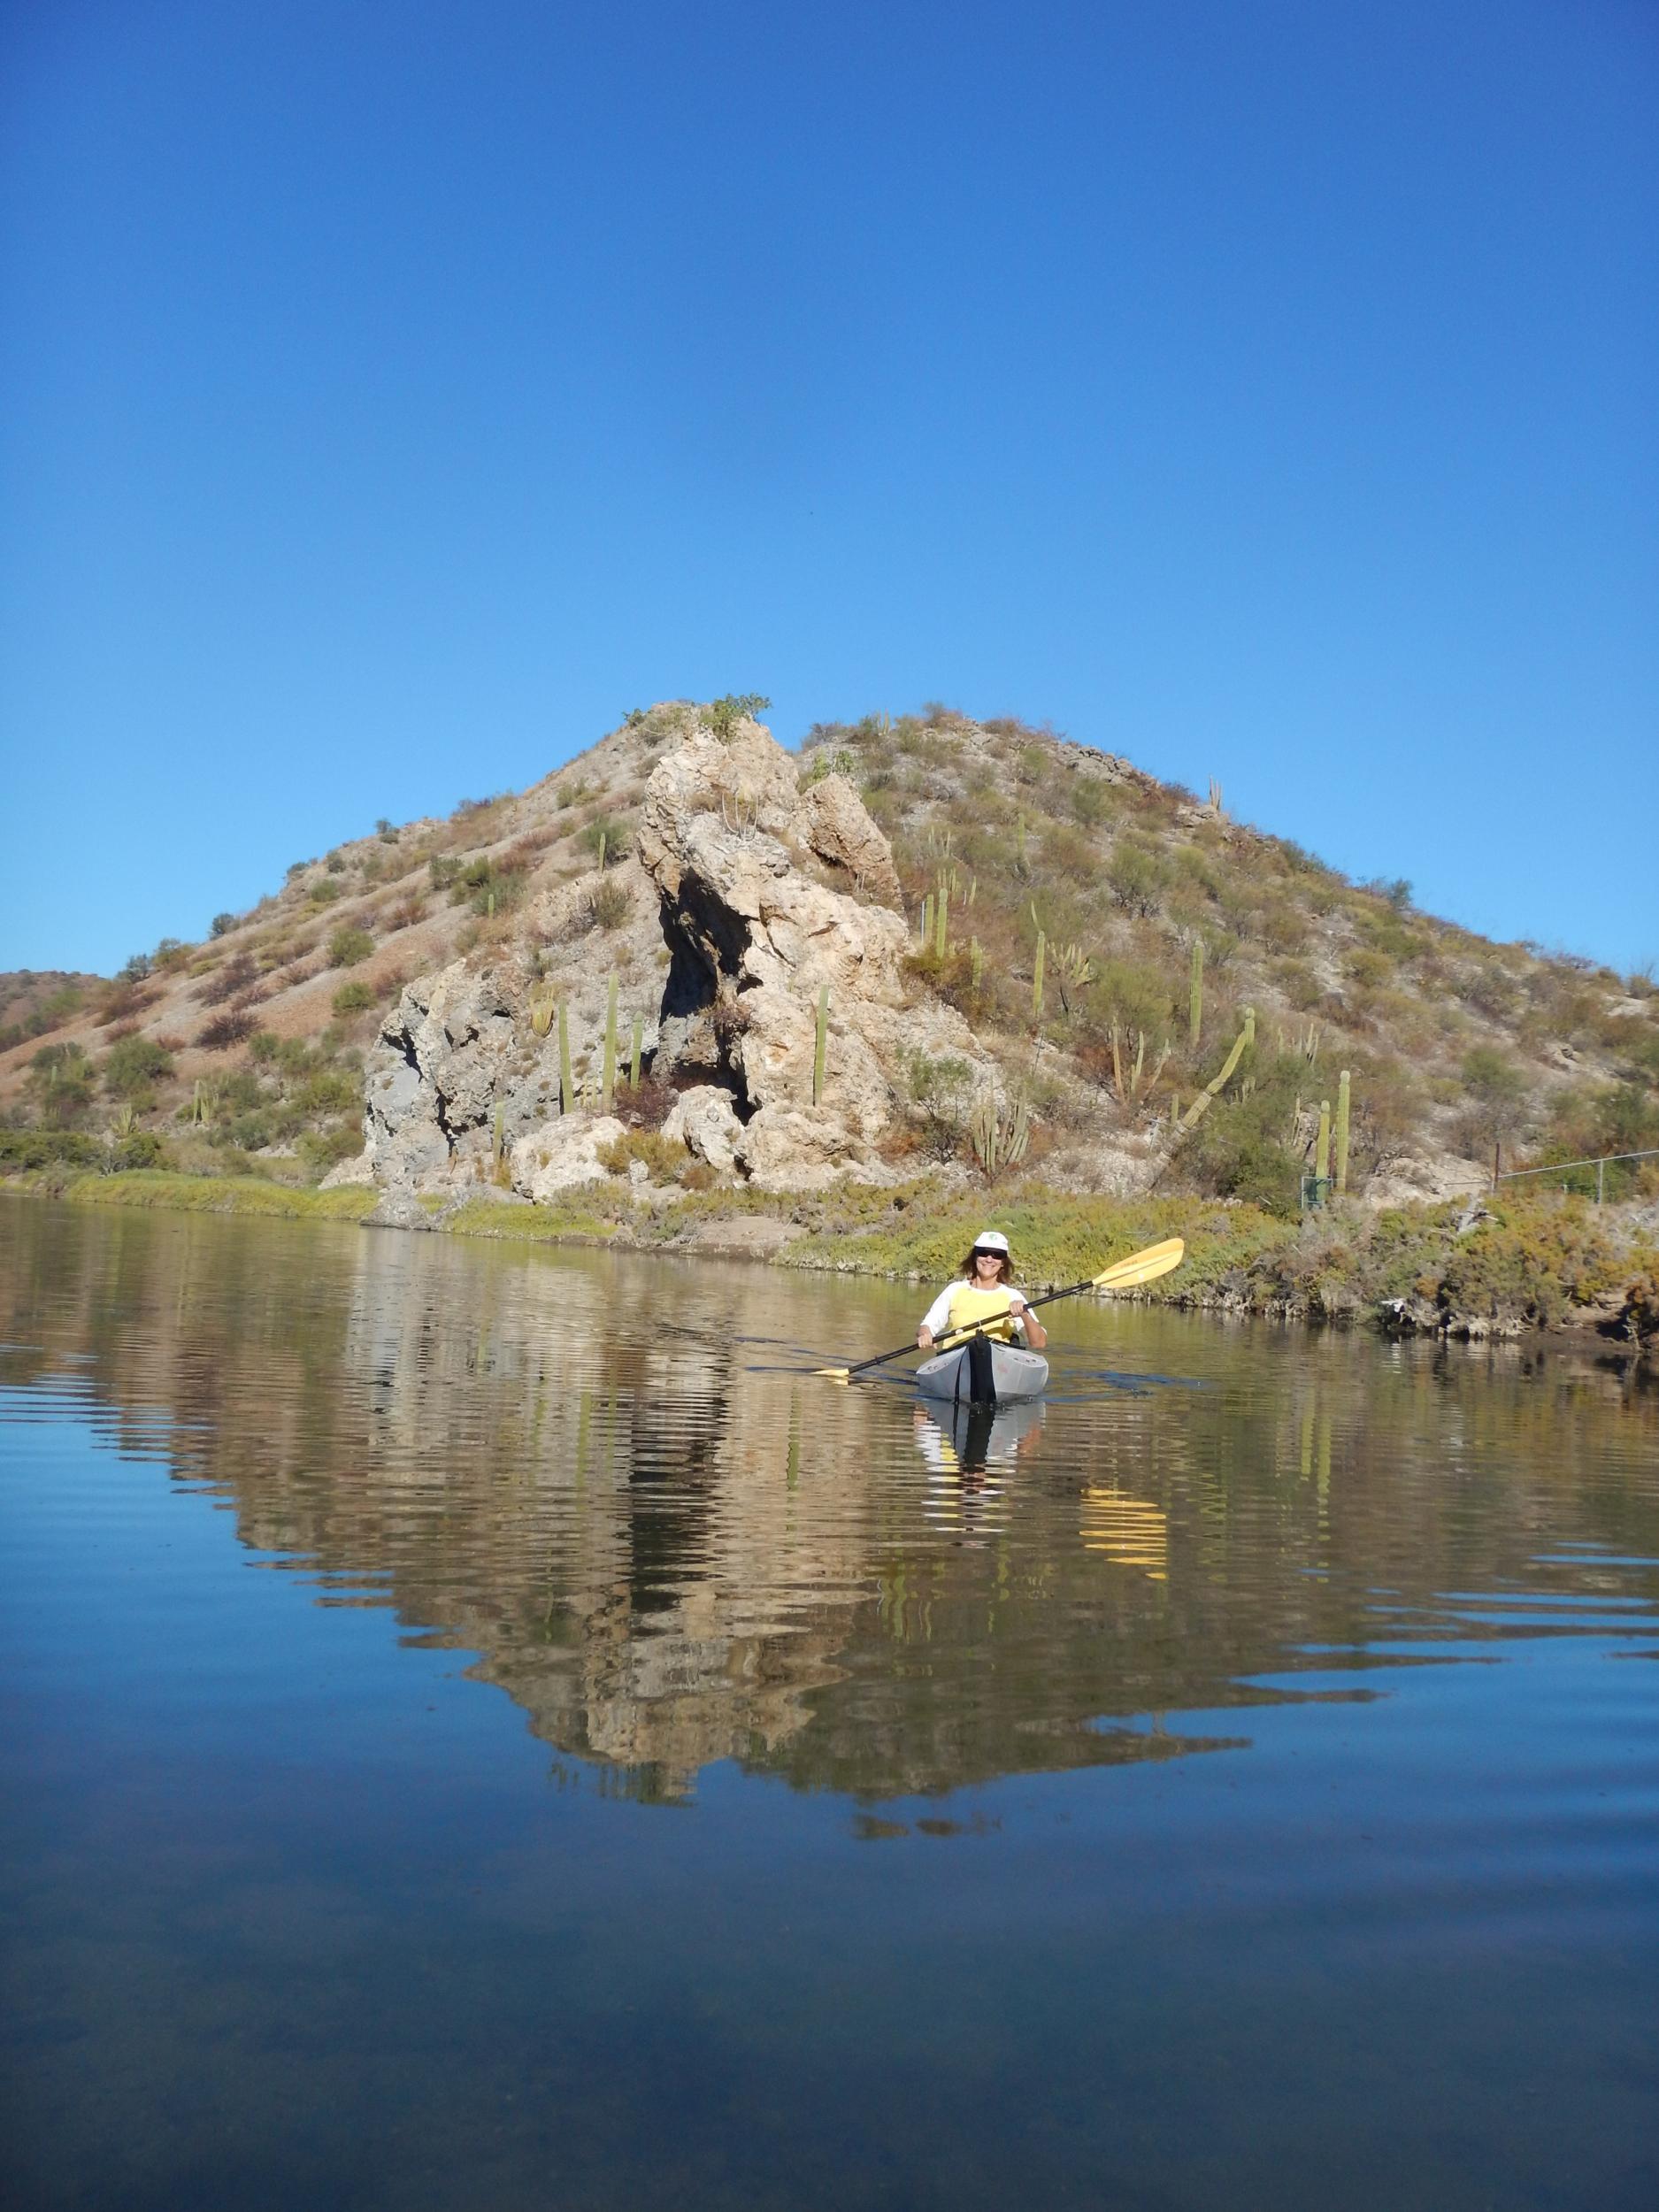 13. Kayaking in lagoon at San Juanico